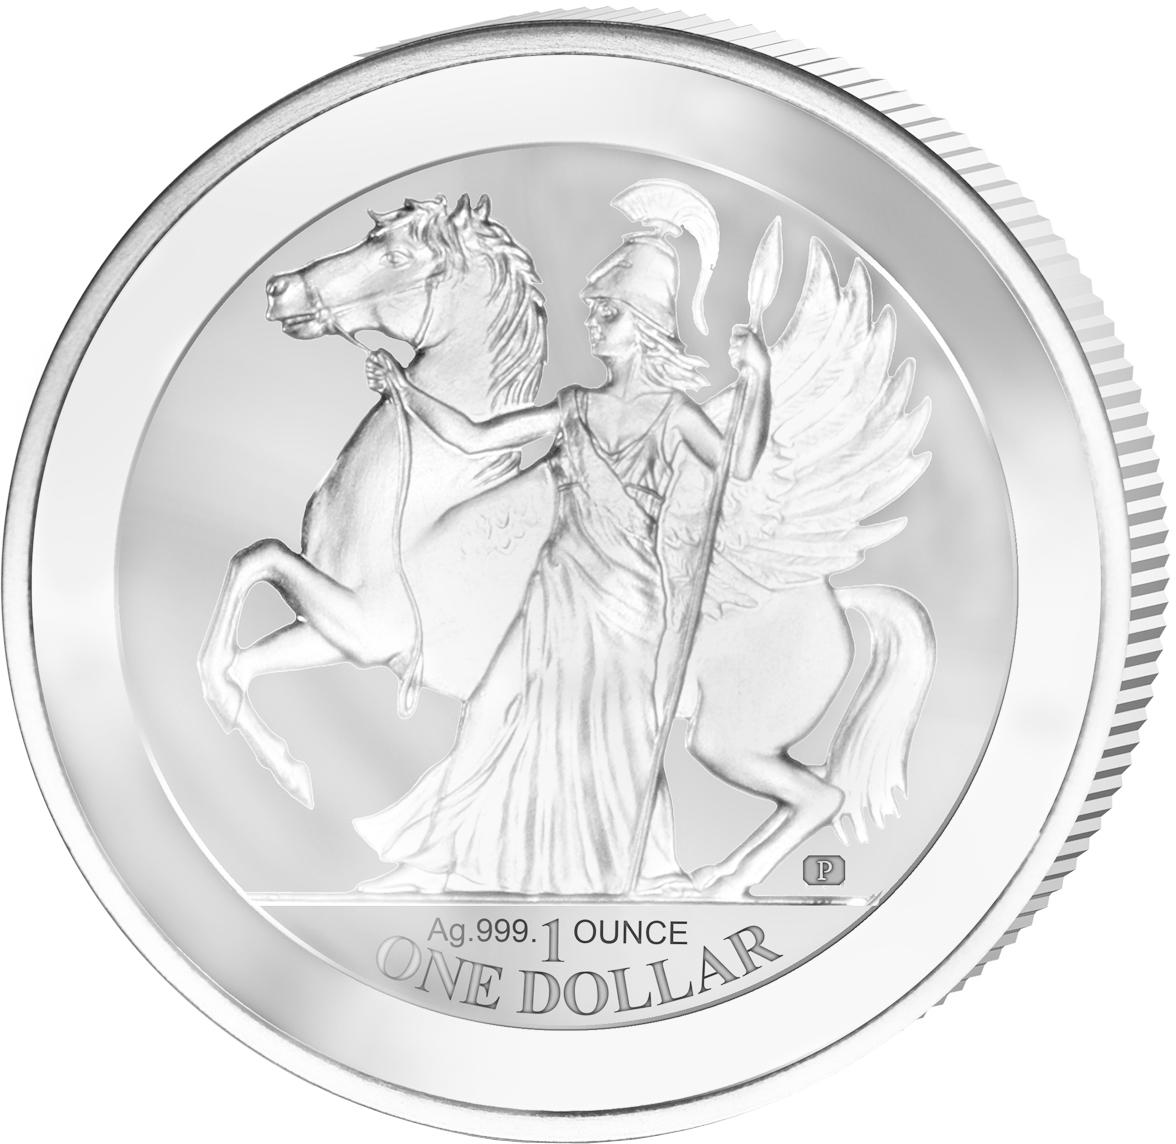 Pegasus Göttin Athene